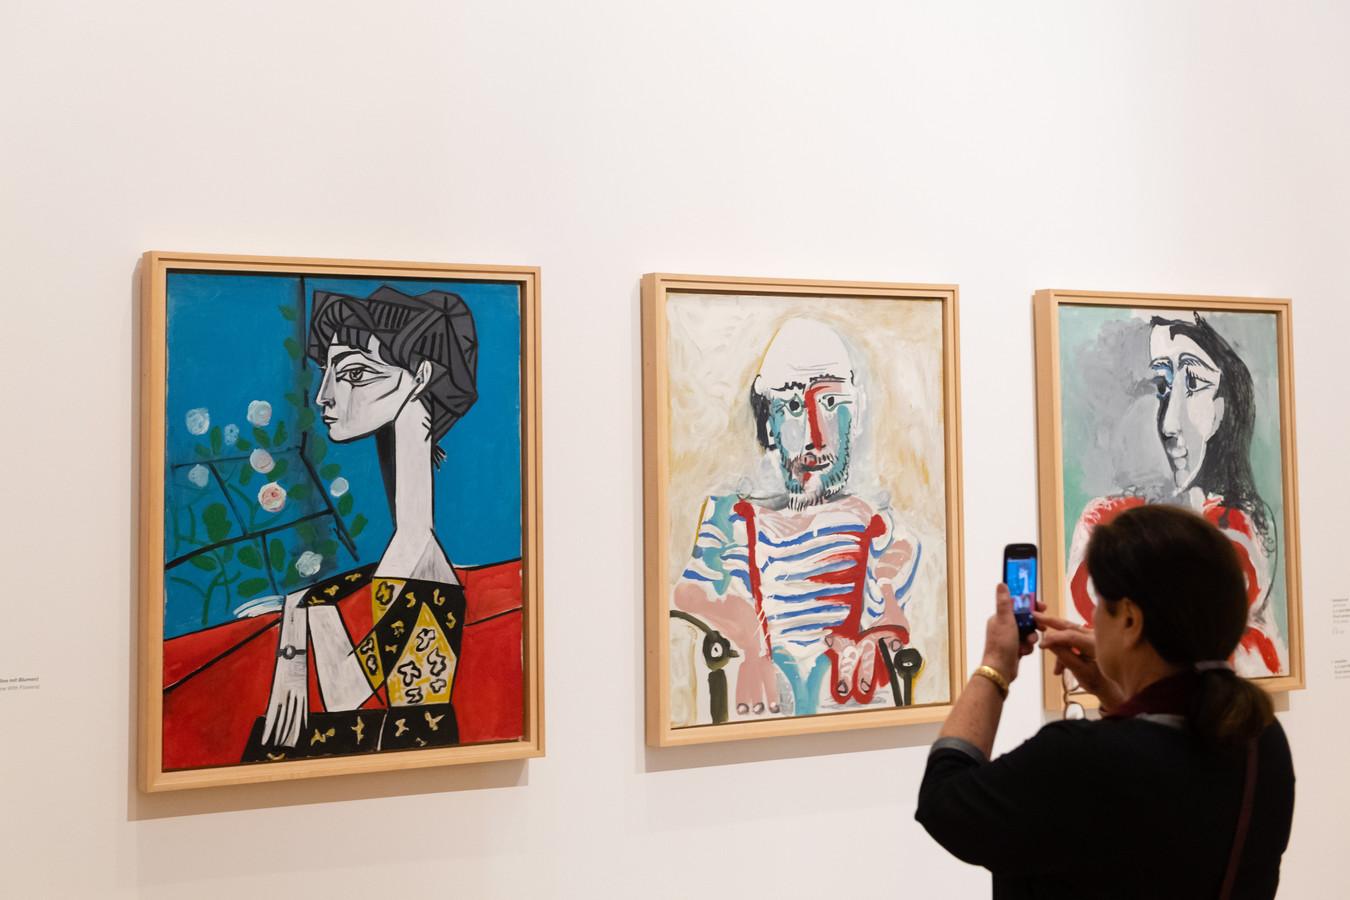 Een vrouw maakt foto's van de expositie 'Picasso: The Late Work', in het Barberini-museum in Potsdam.